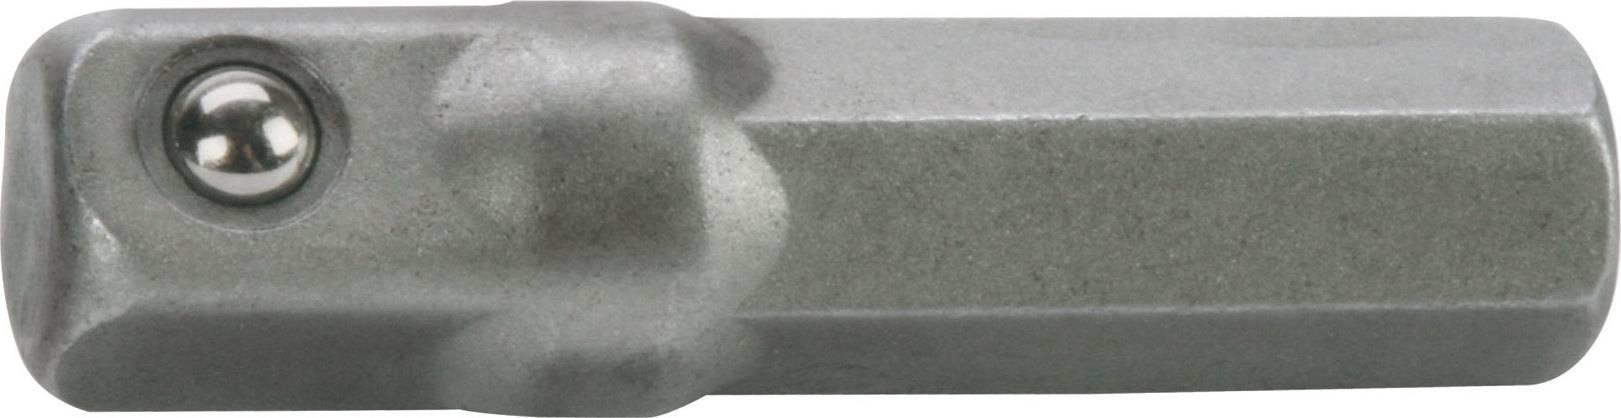 """adaptér z hrotu 1/4"""" na čtyřhran 1/4"""", L 26mm 4701914 FORTUM"""